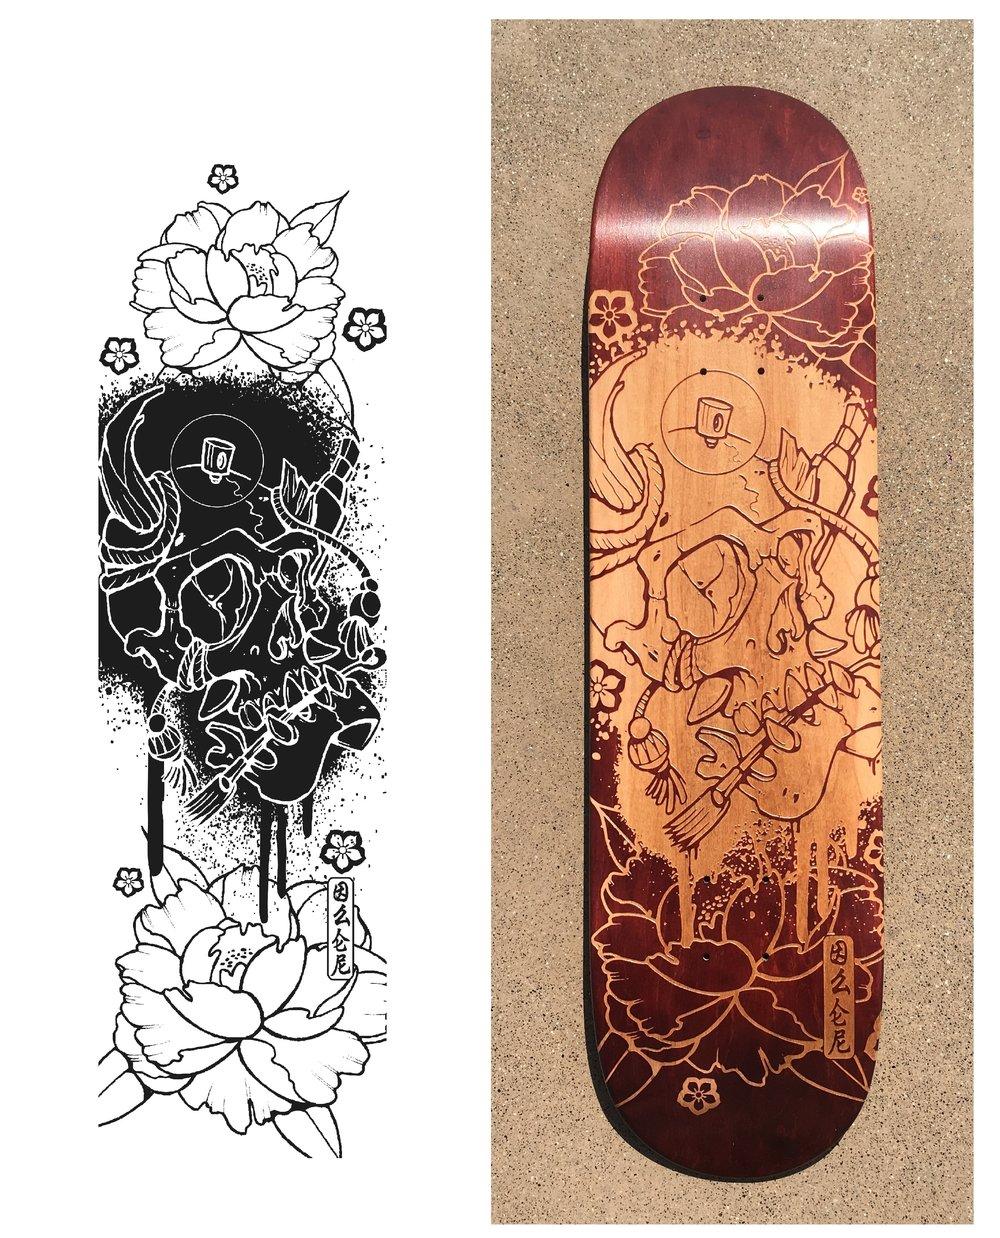 Le fichier de personnalisation tiré d'Illustrator et le skateboard personnalisé par gravure laser